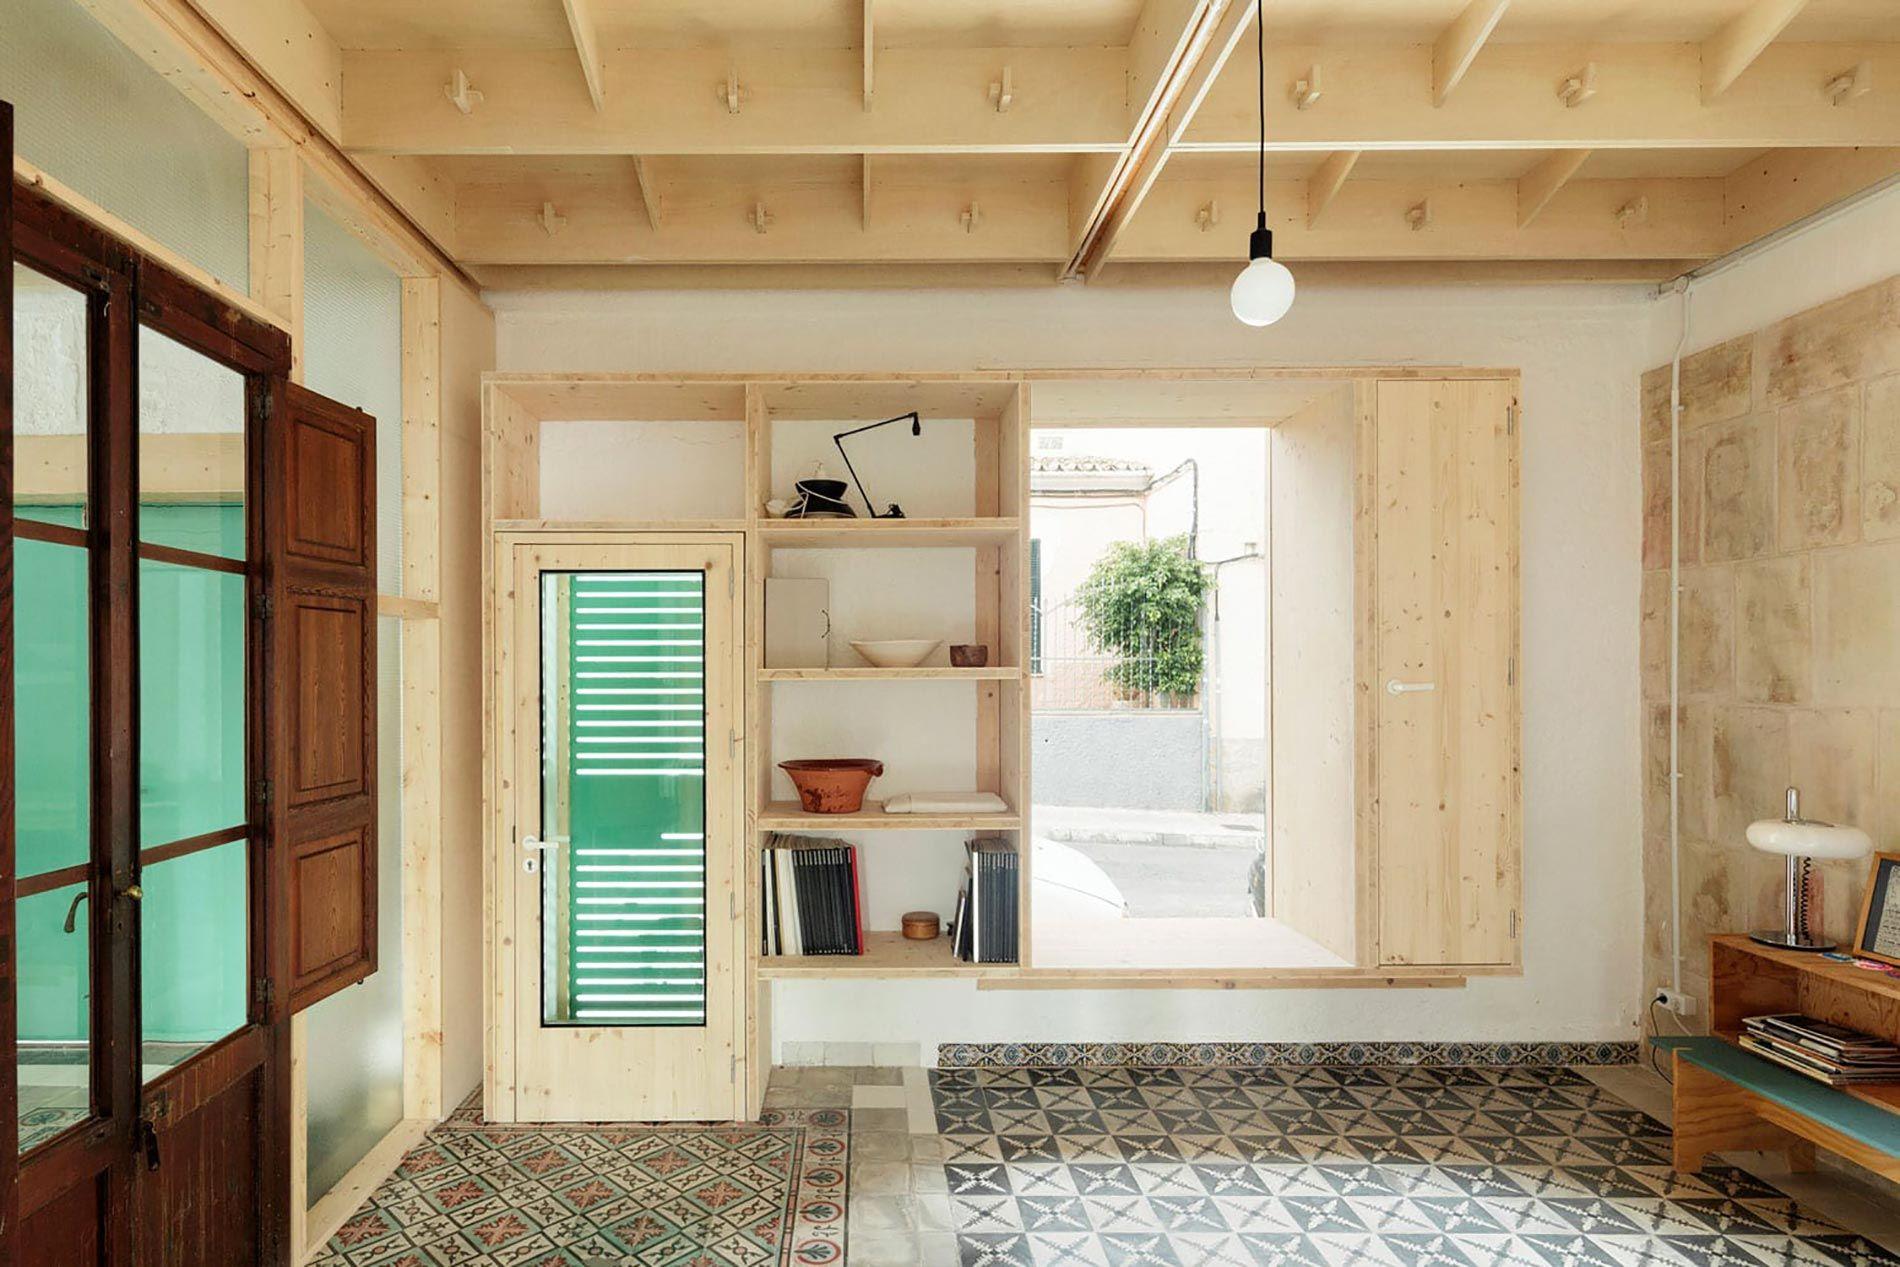 PLYWOOD nel 2020 Case di legno, Interni, Maiorca